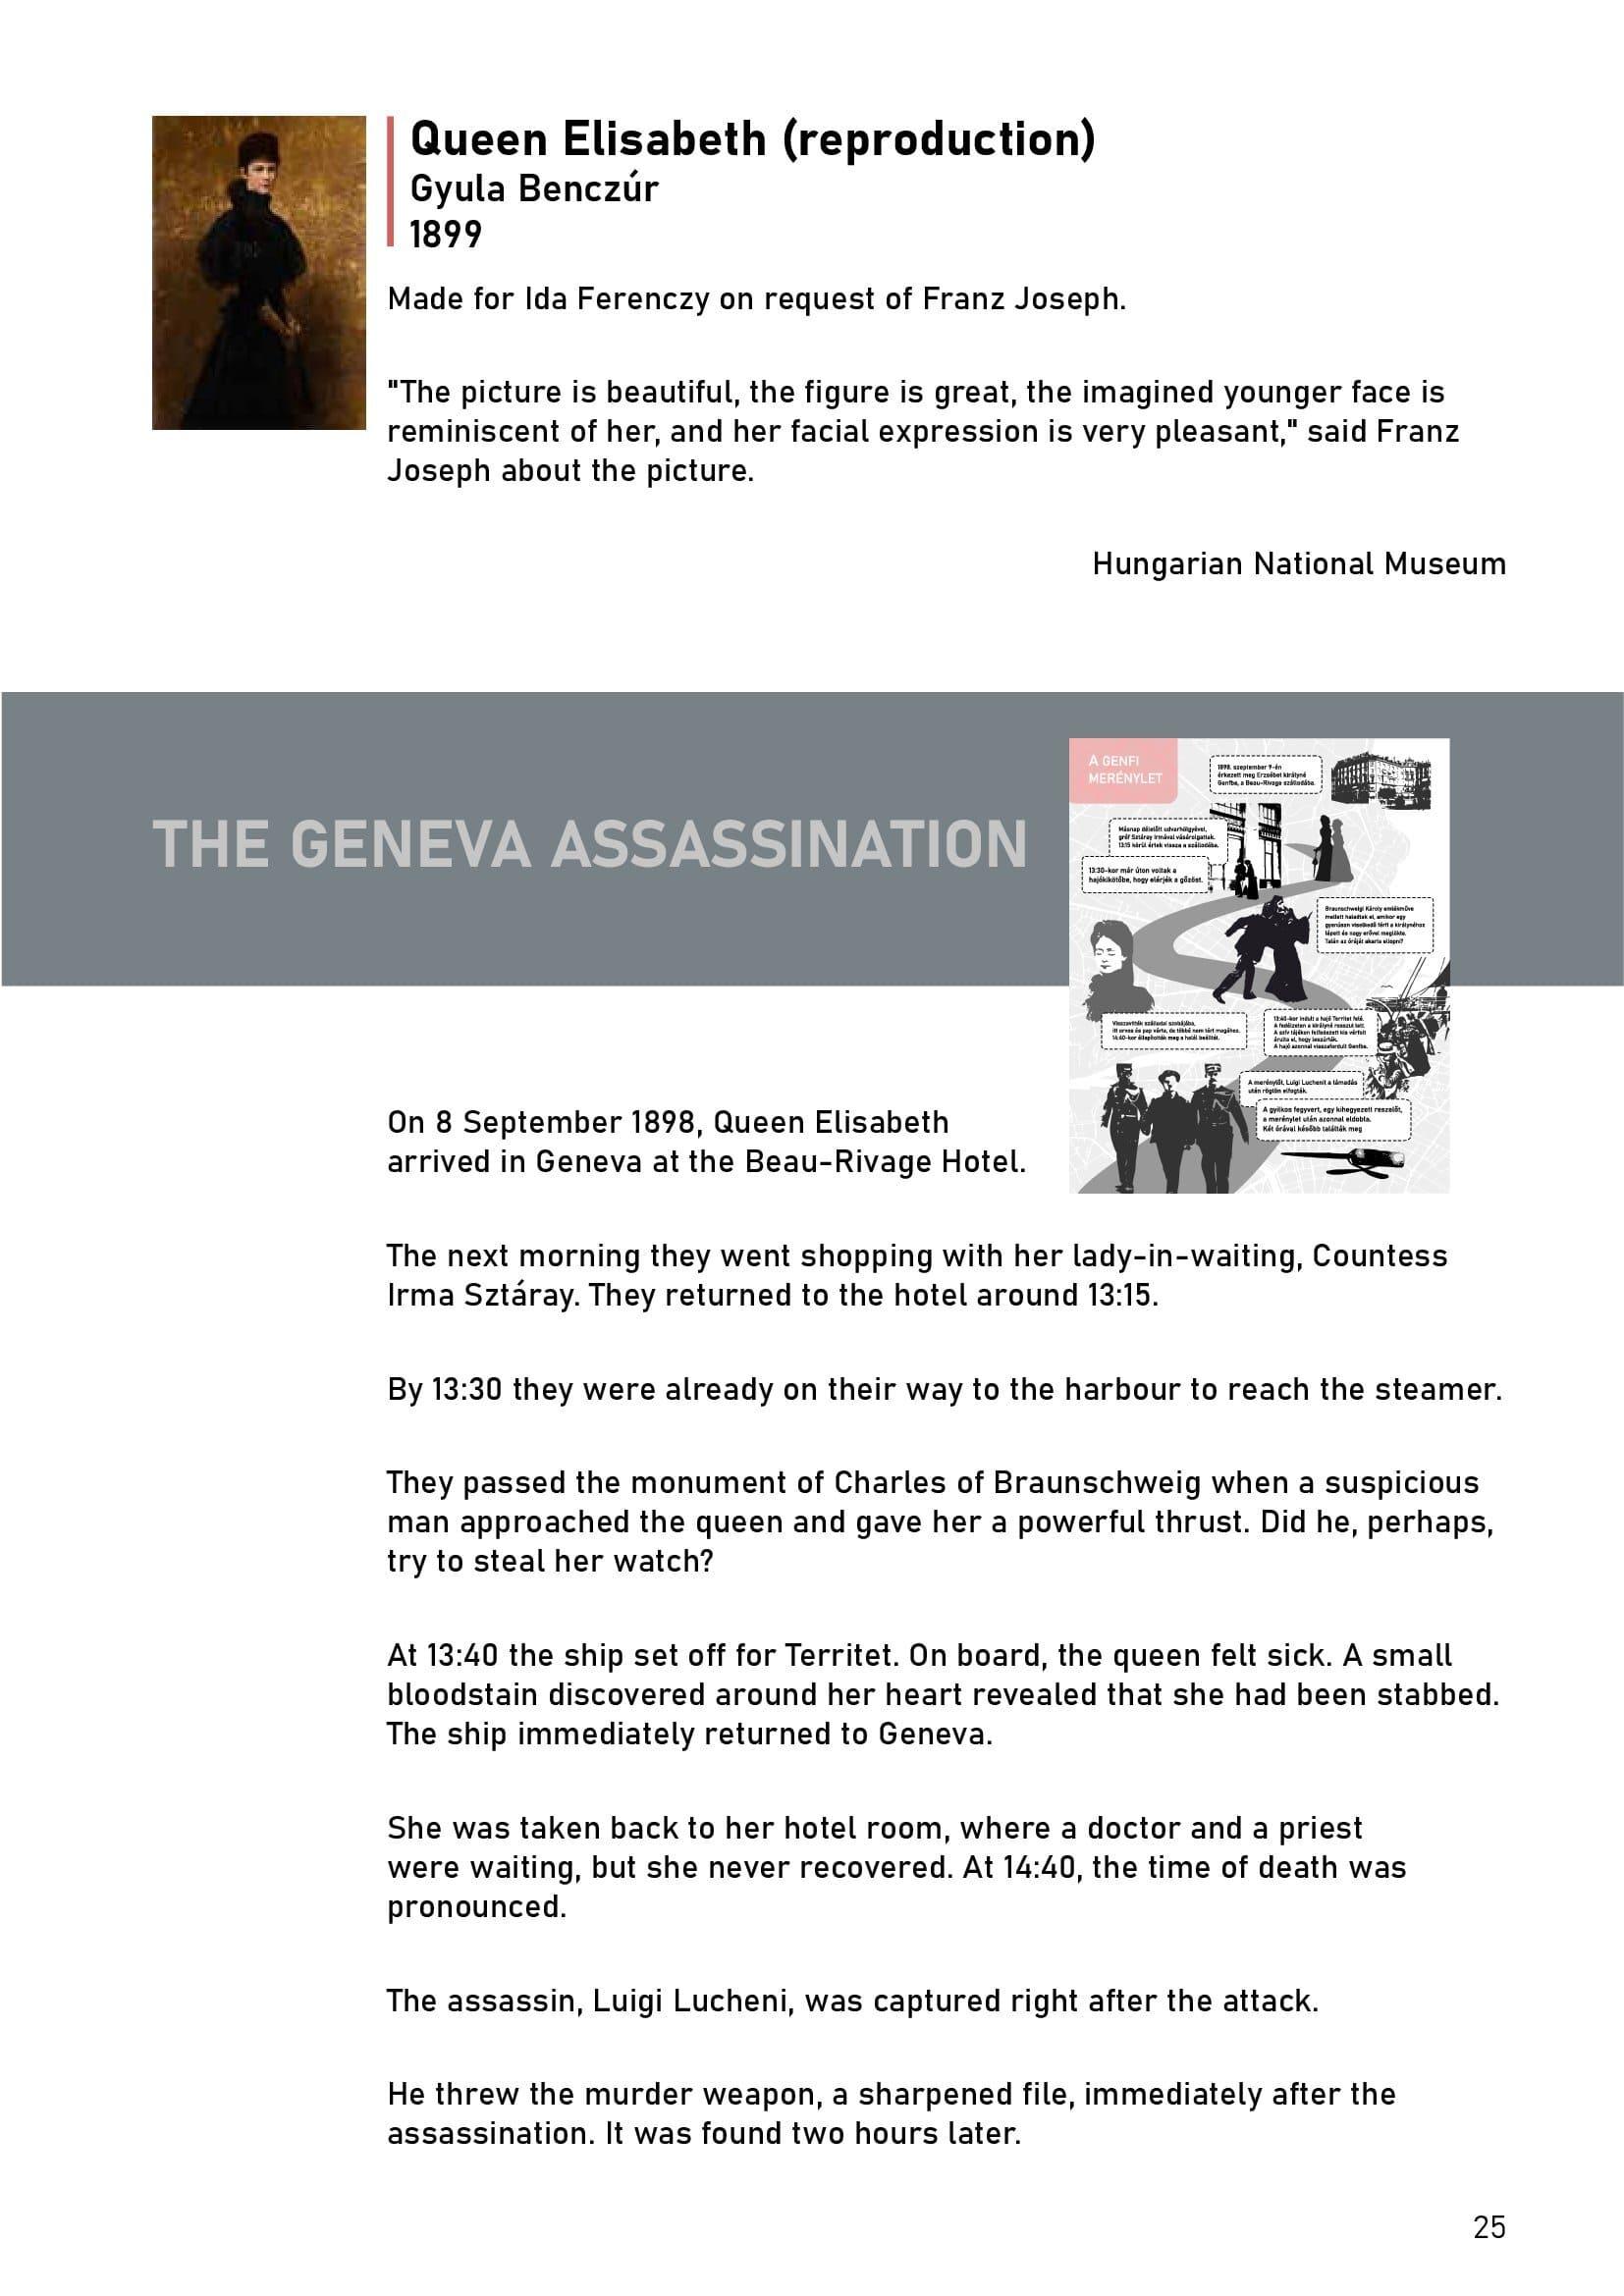 Sisi English guide_00025